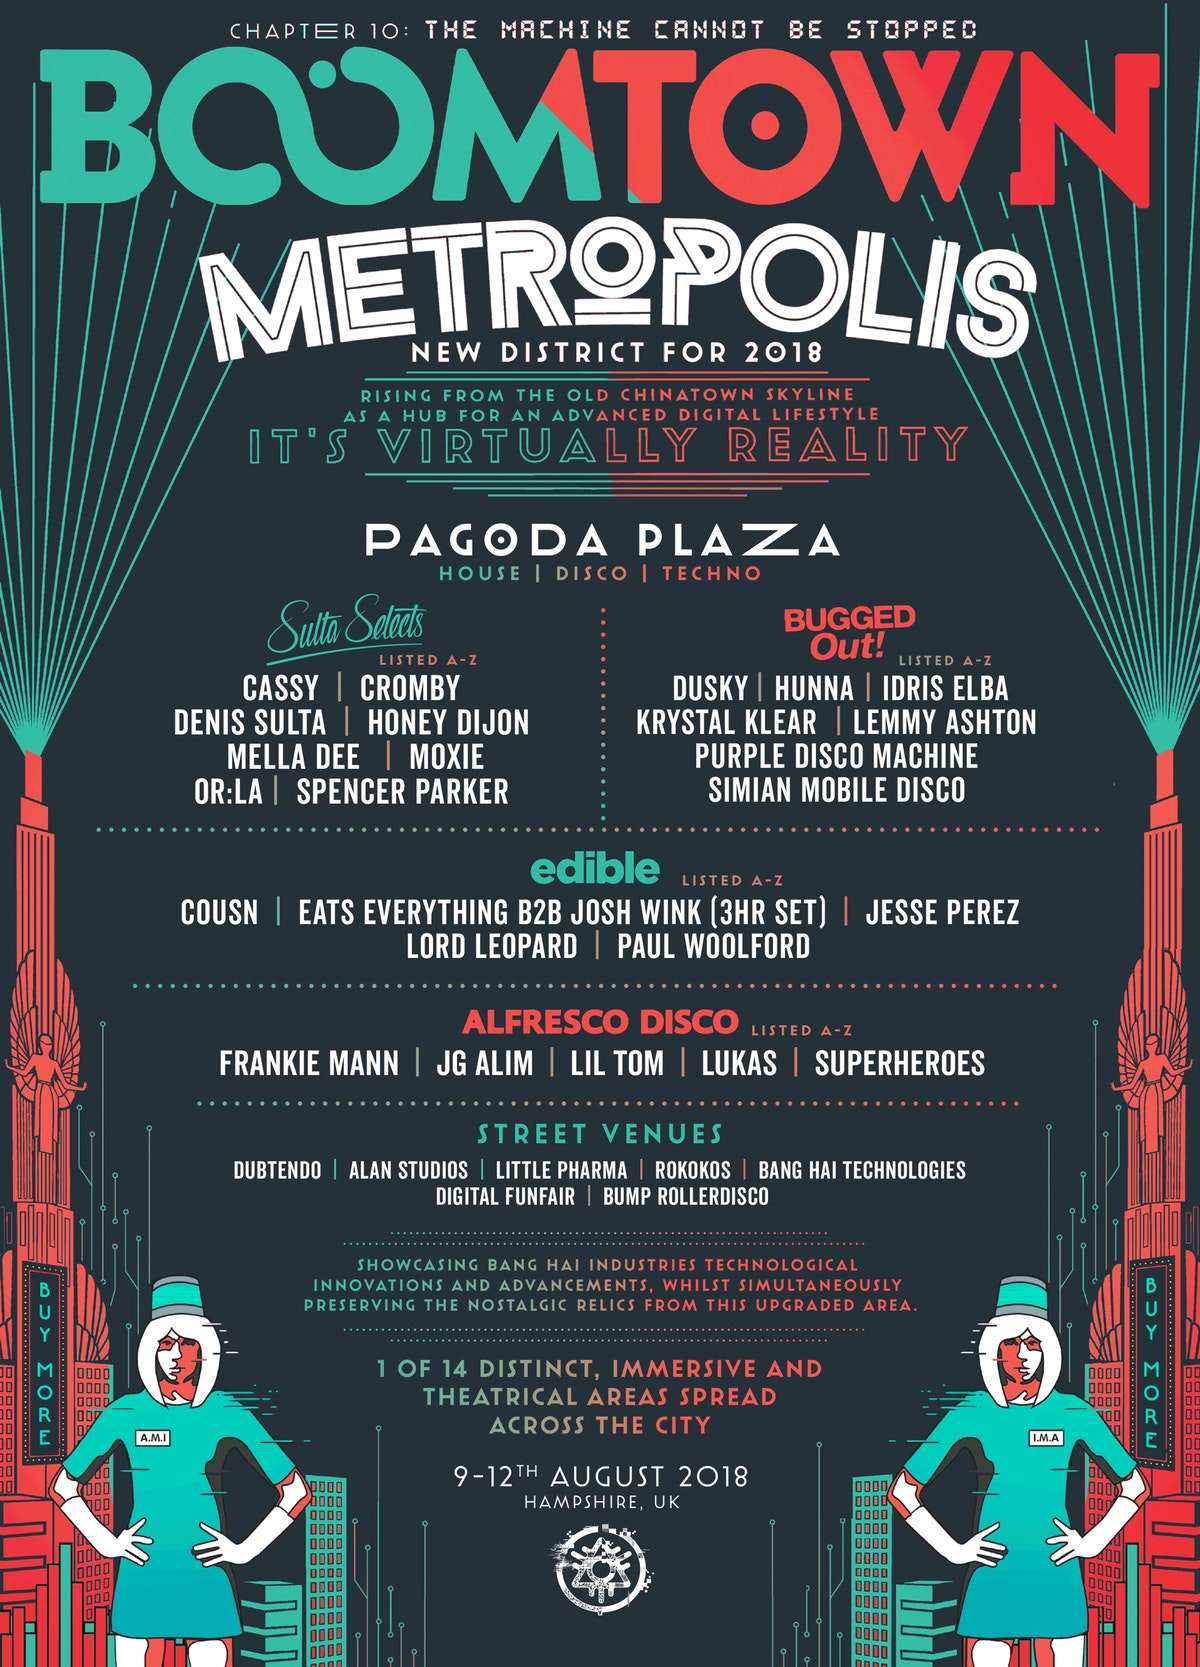 District Announcement: Metropolis